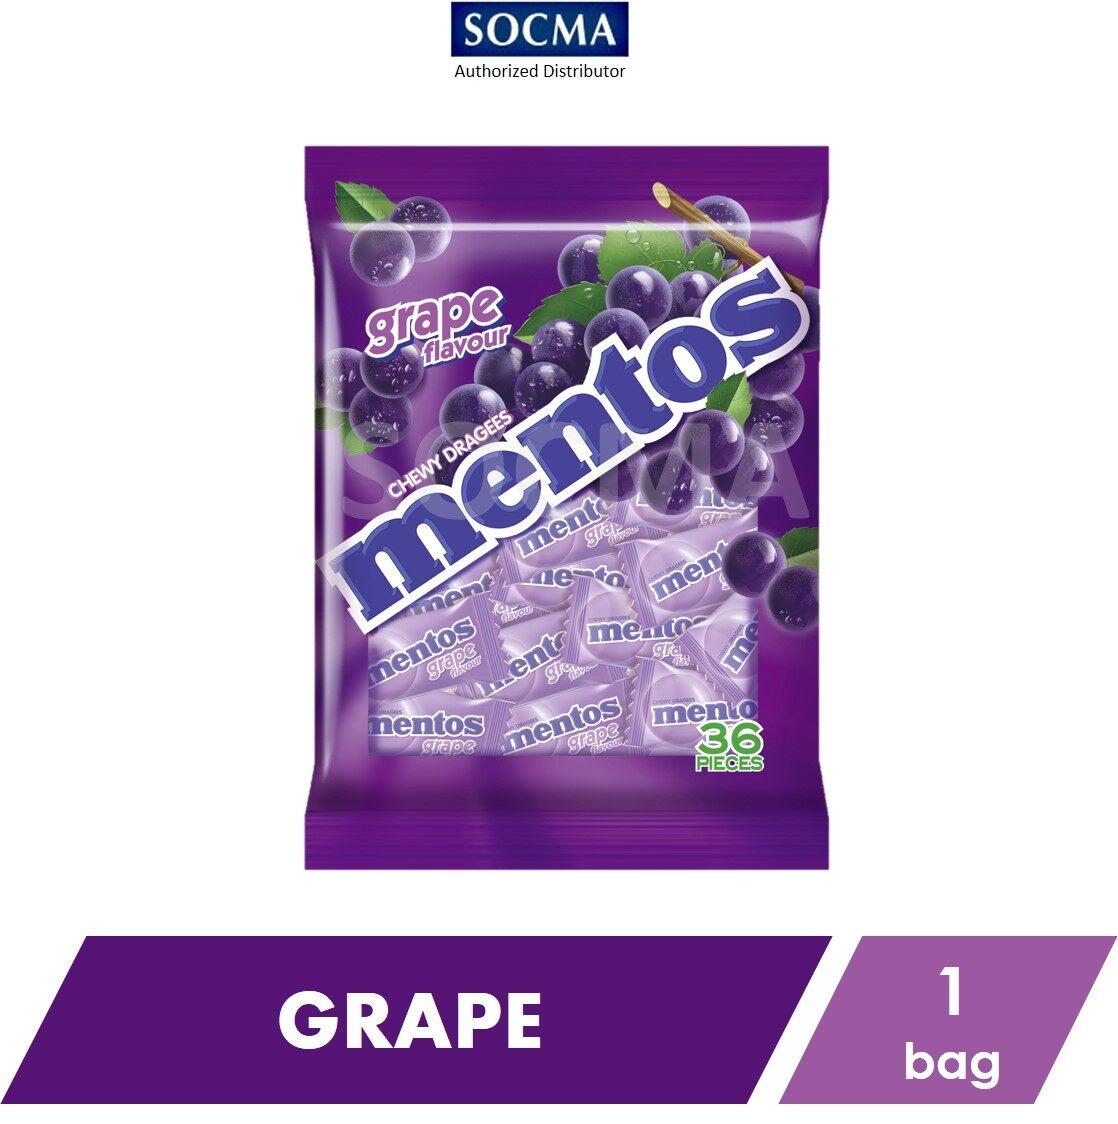 Mentos Pillow Pack Bag Grape 36s [1]